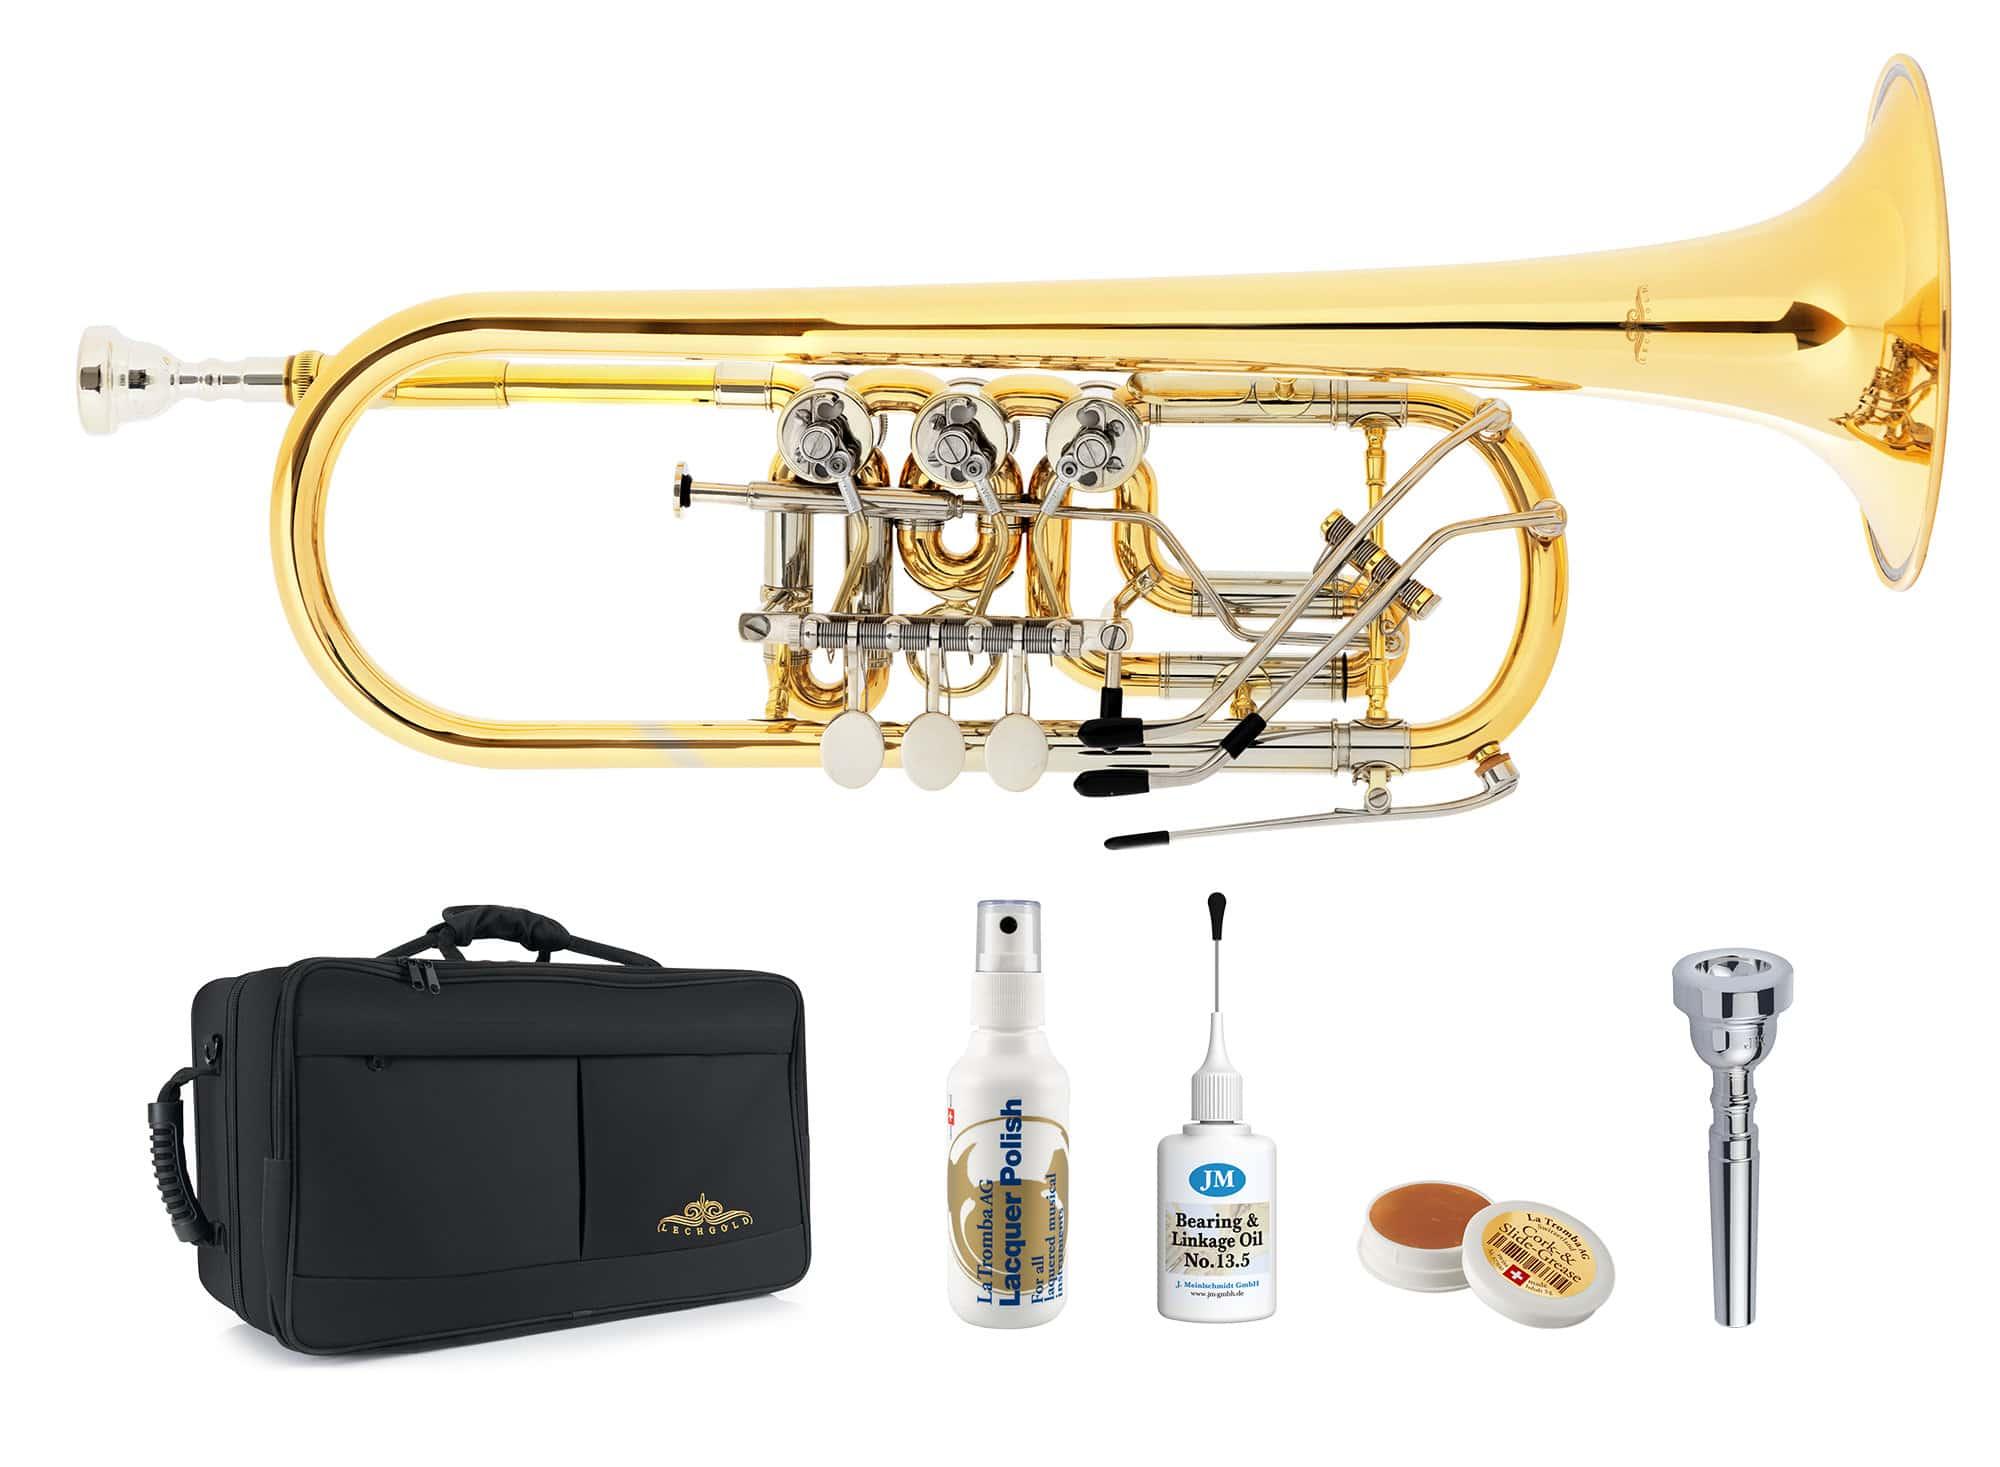 Trompeten - Lechgold CTR 19L C Konzerttrompete Deluxe Set - Onlineshop Musikhaus Kirstein